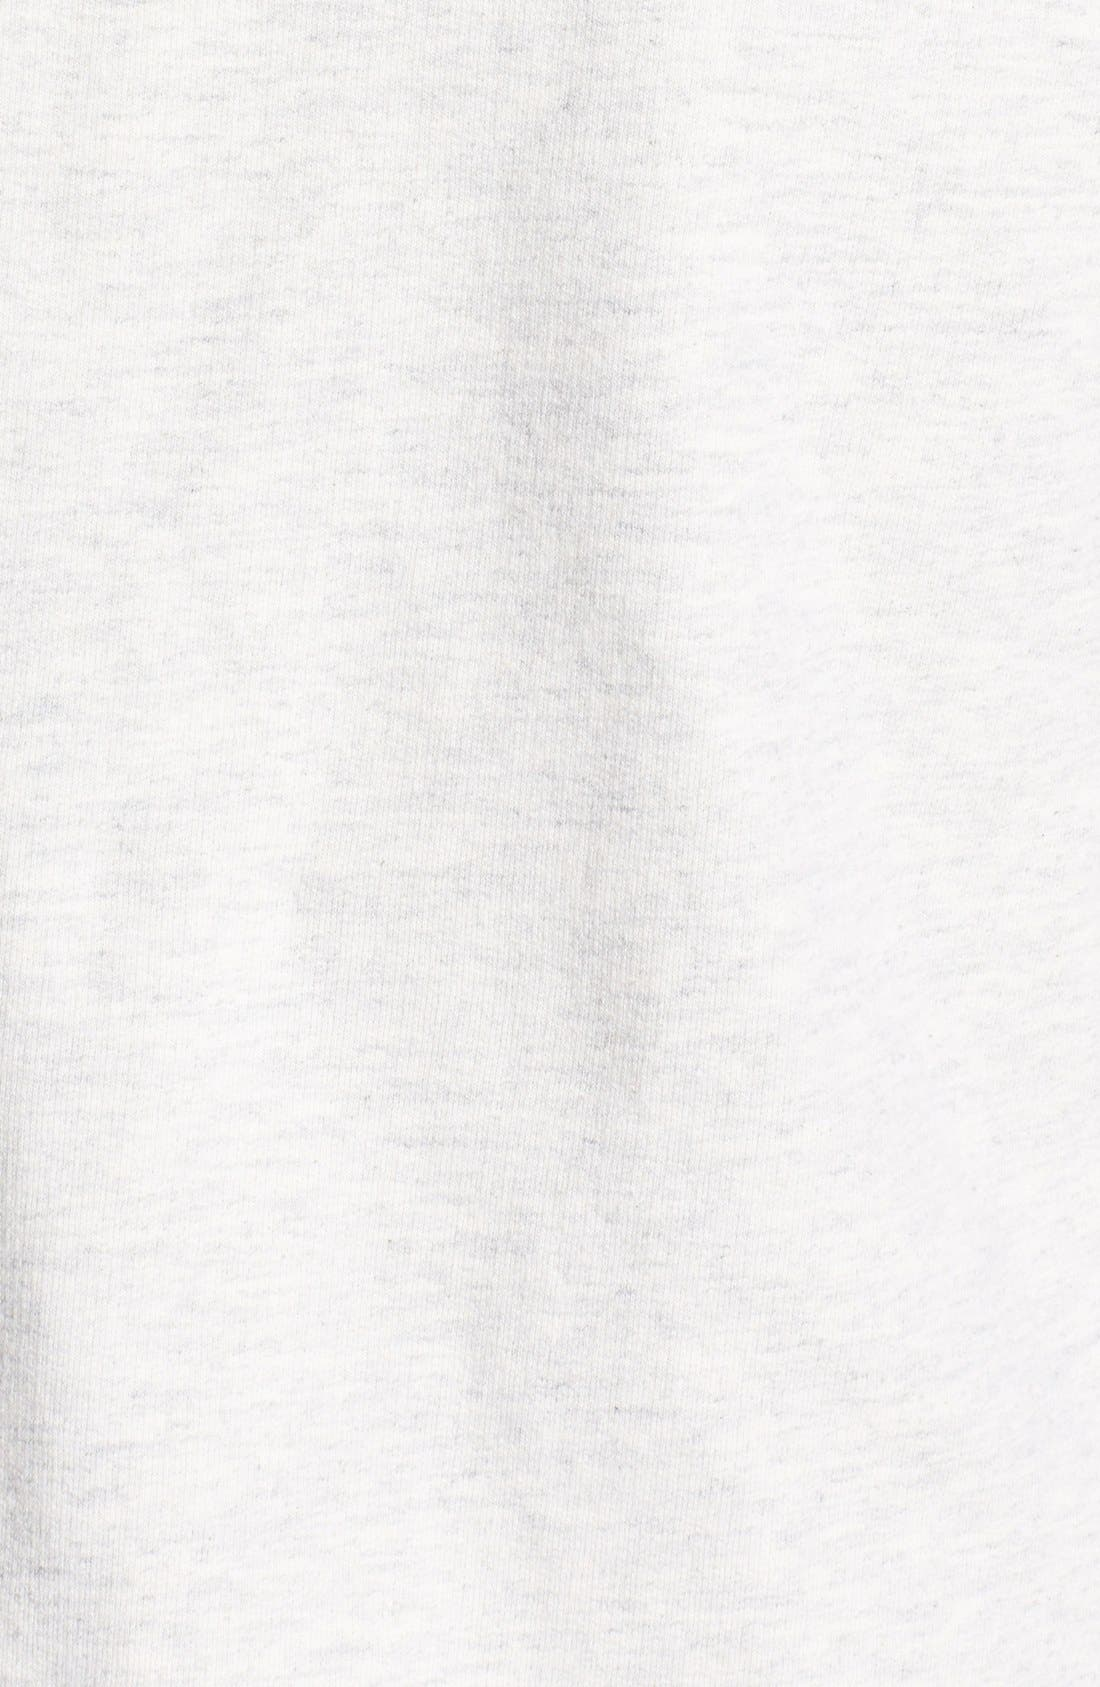 Chino Shorts,                         Main,                         color, 030